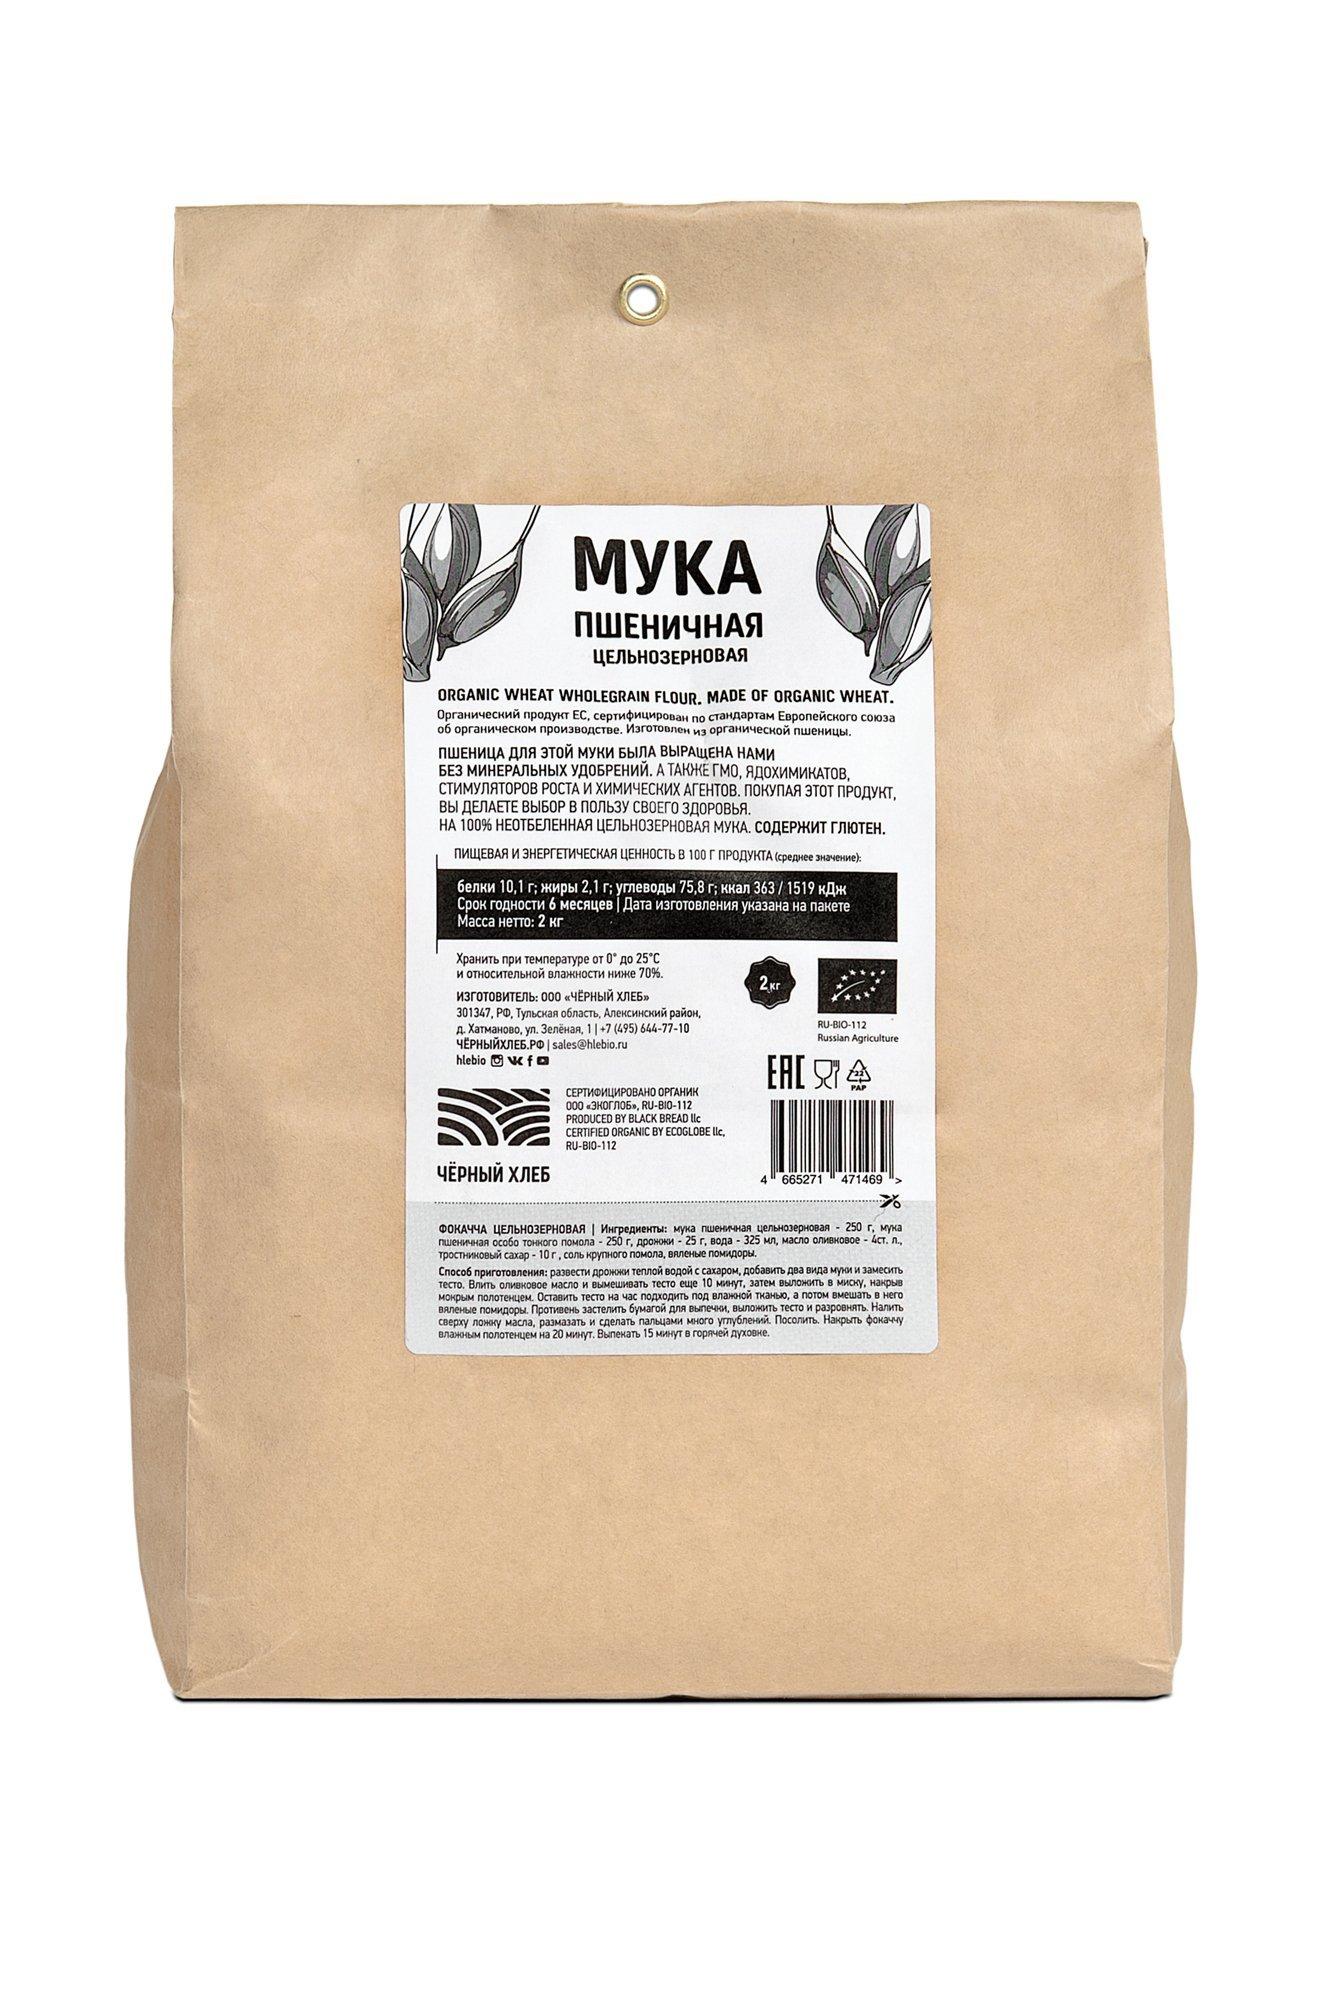 Мука пшеничная цельнозерновая 2 кг, БИО (Черный хлеб)